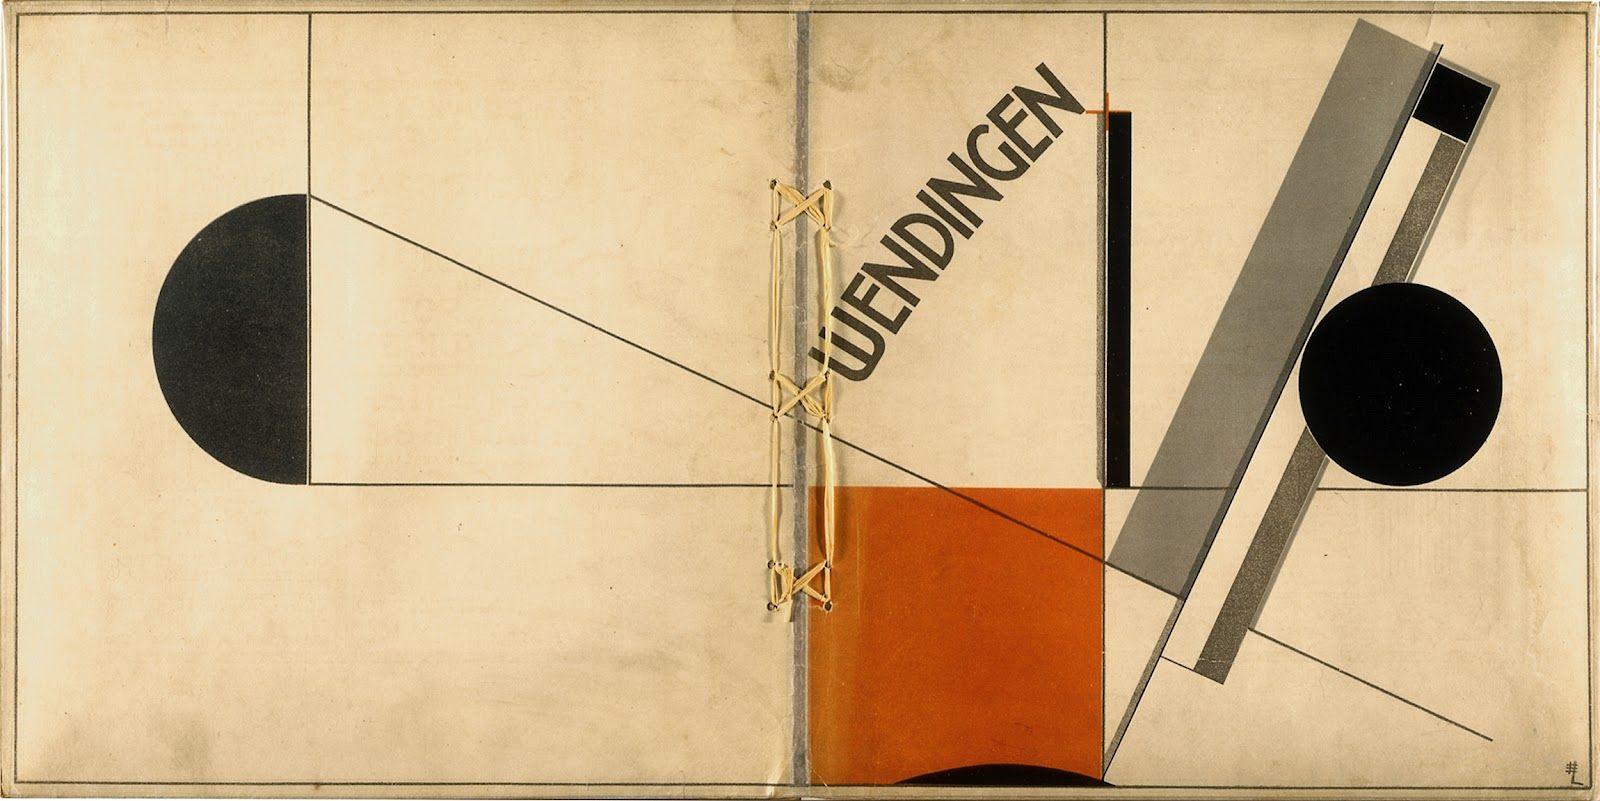 El Lissitzsky. Wendingen, publicación mensual de diseño y arquitectura. Manifesto productivista 1922. (Abajo el arte, viva la técnica).